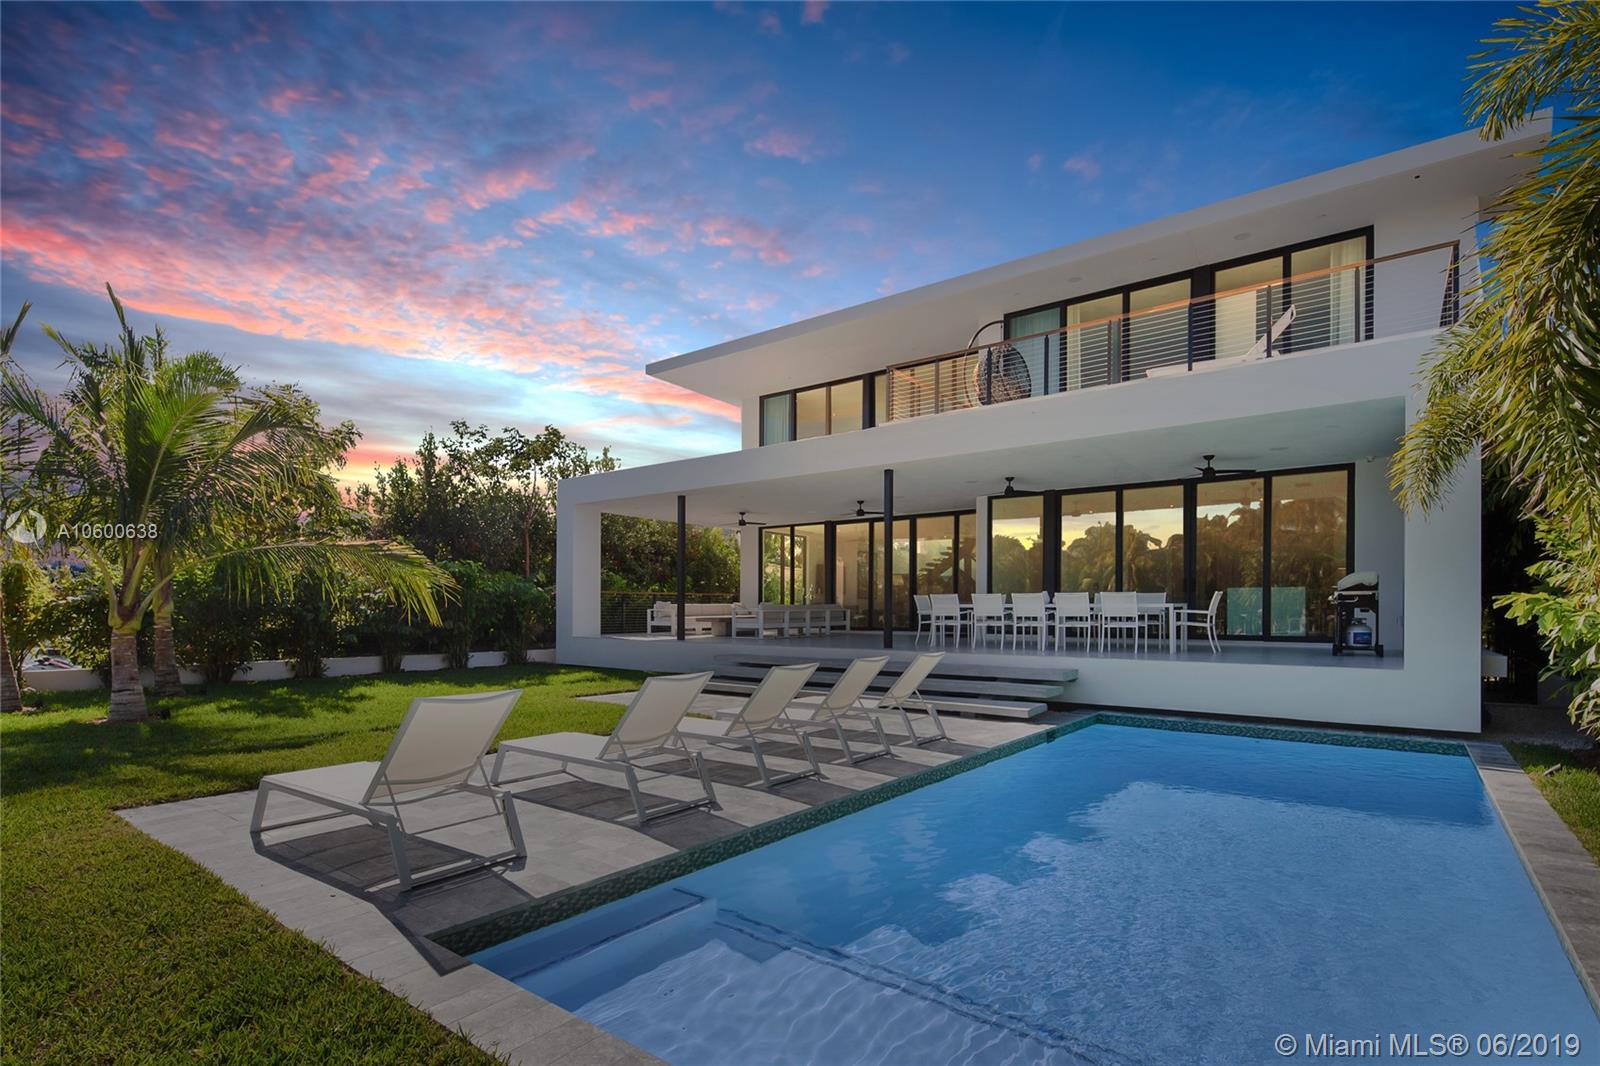 7333 Belle Meade Blvd, Miami, FL 33138